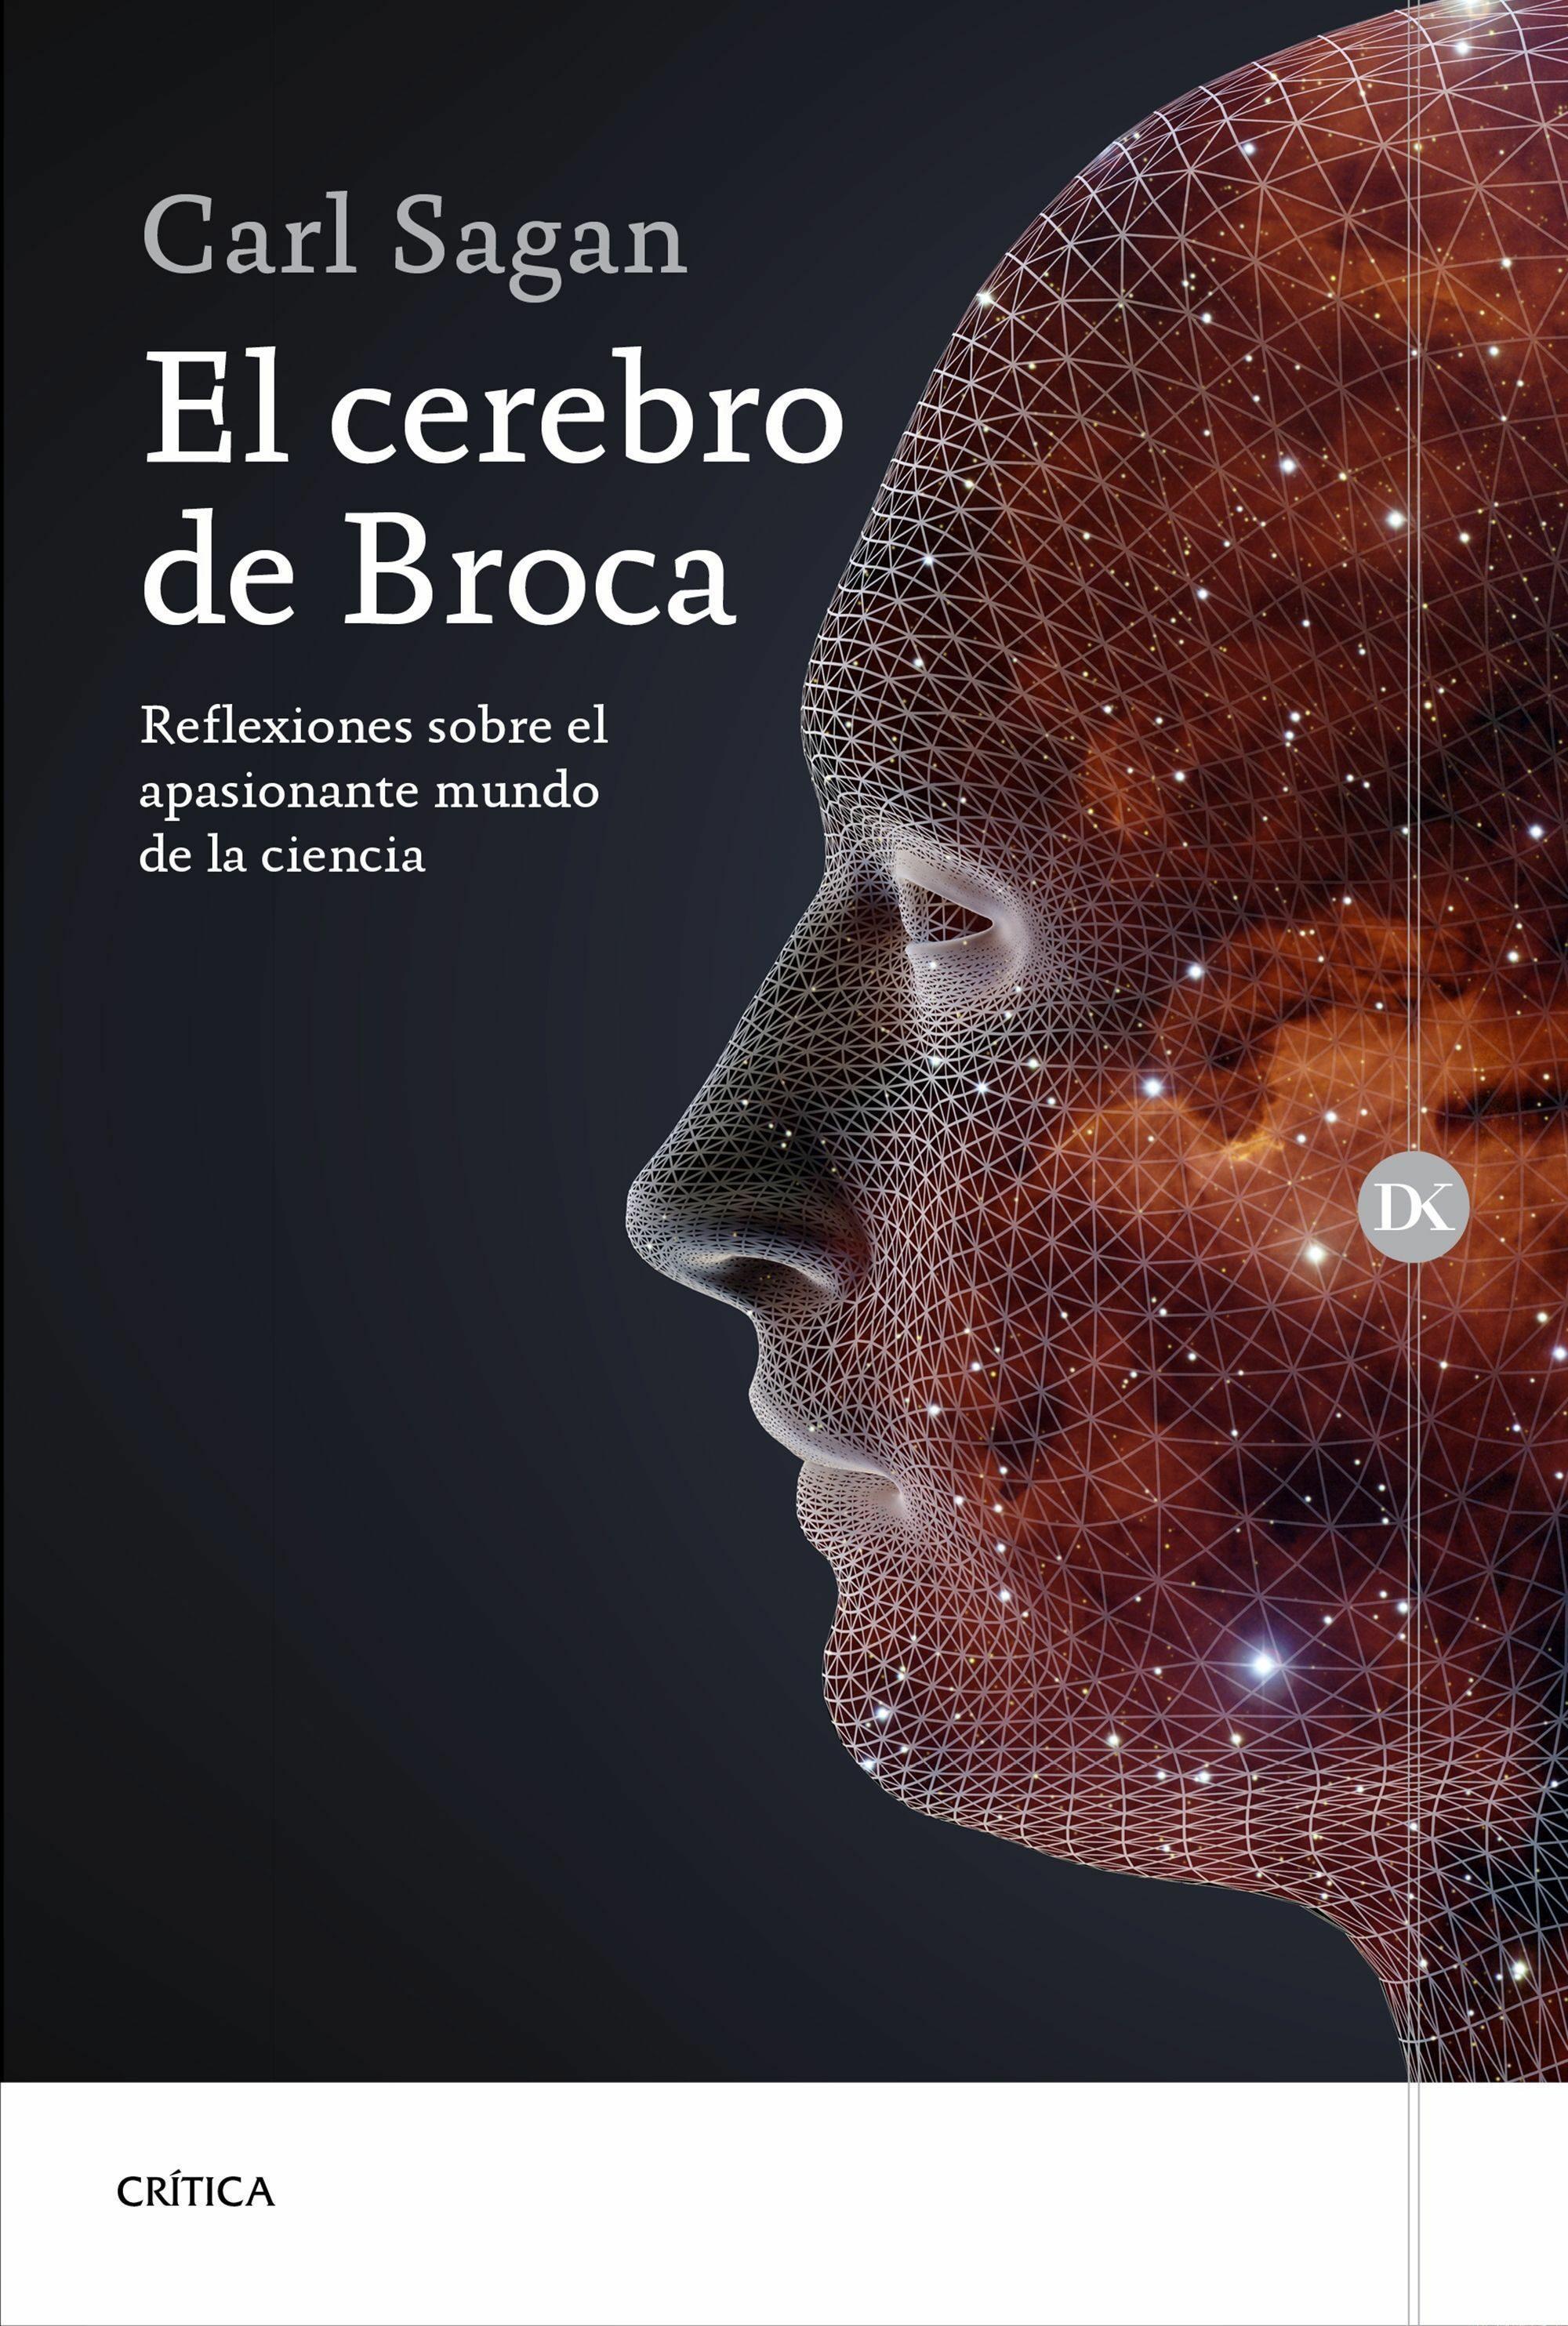 el cerebro de broca: reflexiones sobre el apasionante mundo de la ciencia-carl sagan-9788498928044